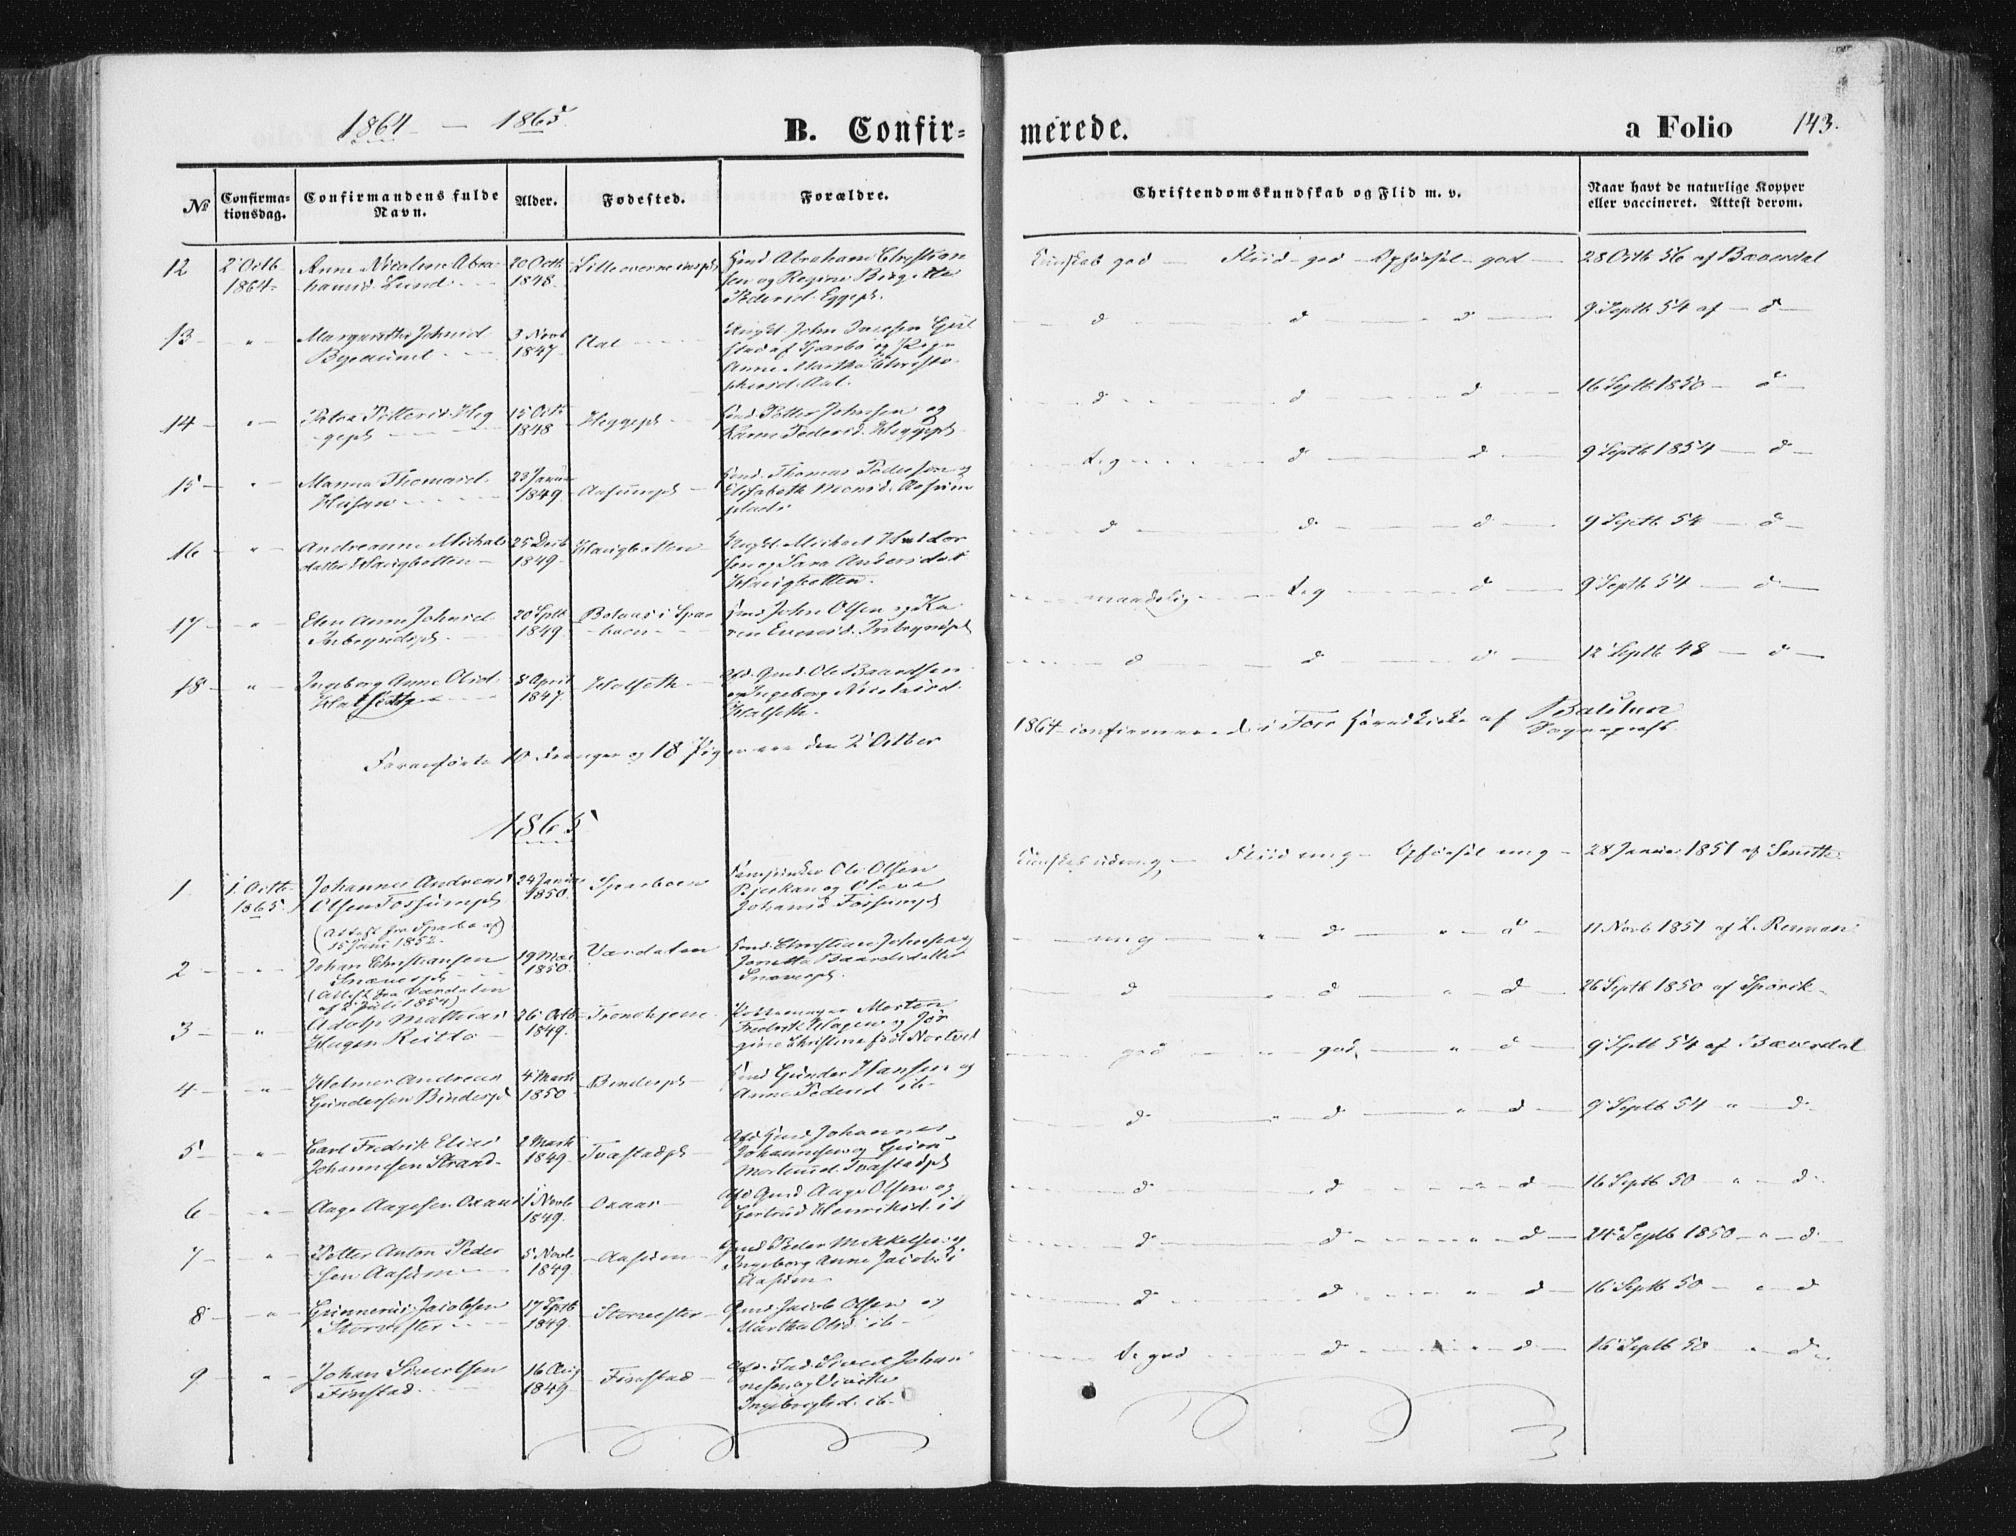 SAT, Ministerialprotokoller, klokkerbøker og fødselsregistre - Nord-Trøndelag, 746/L0447: Ministerialbok nr. 746A06, 1860-1877, s. 143